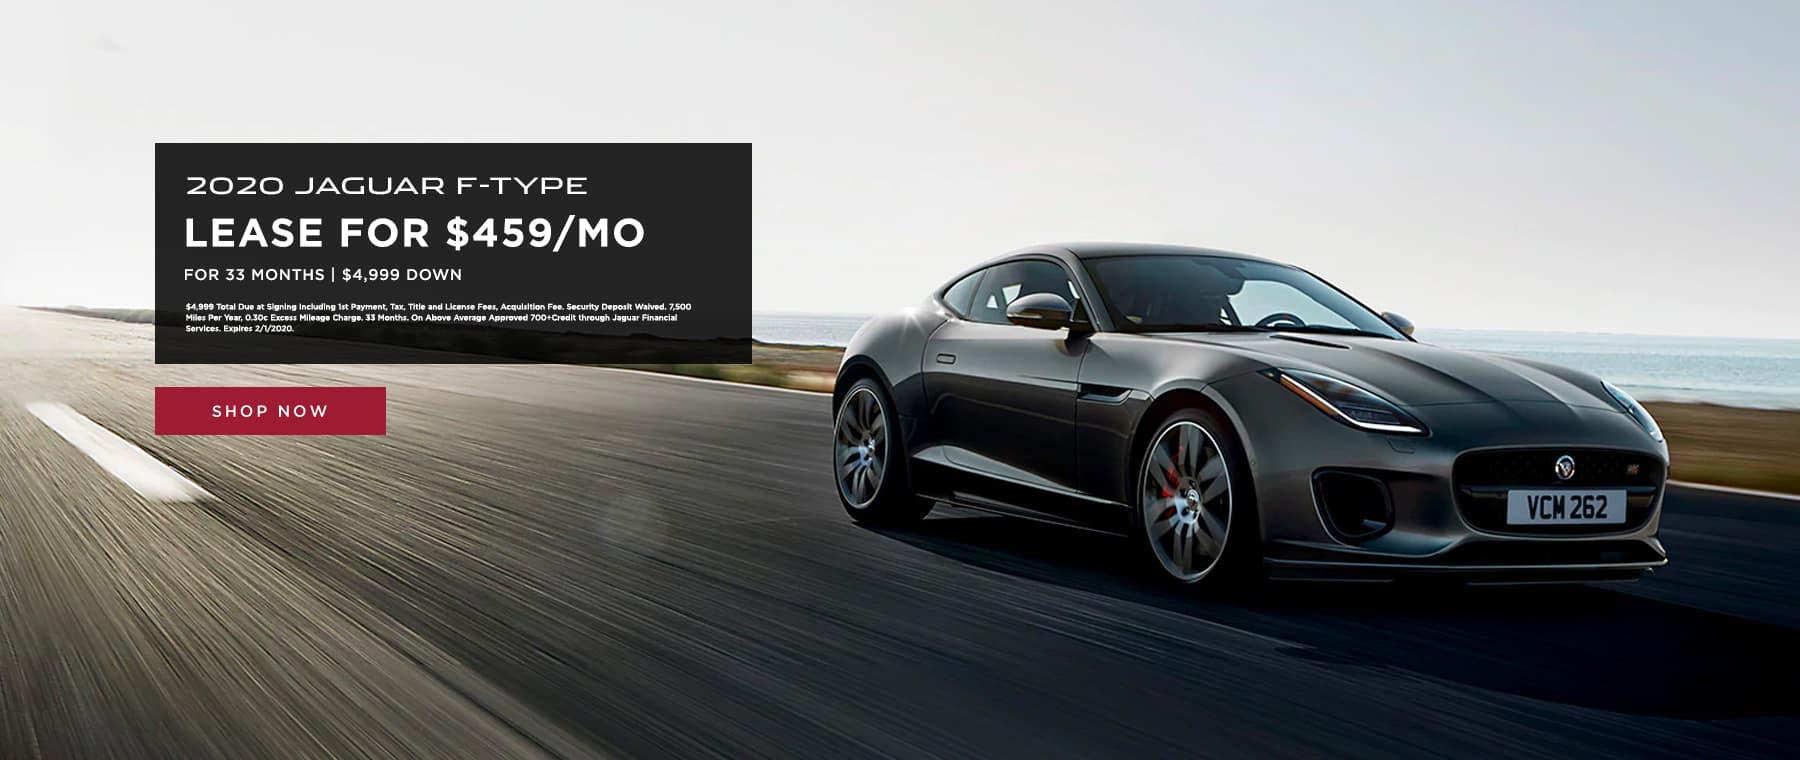 Lease 2020 Jaguar F-Type